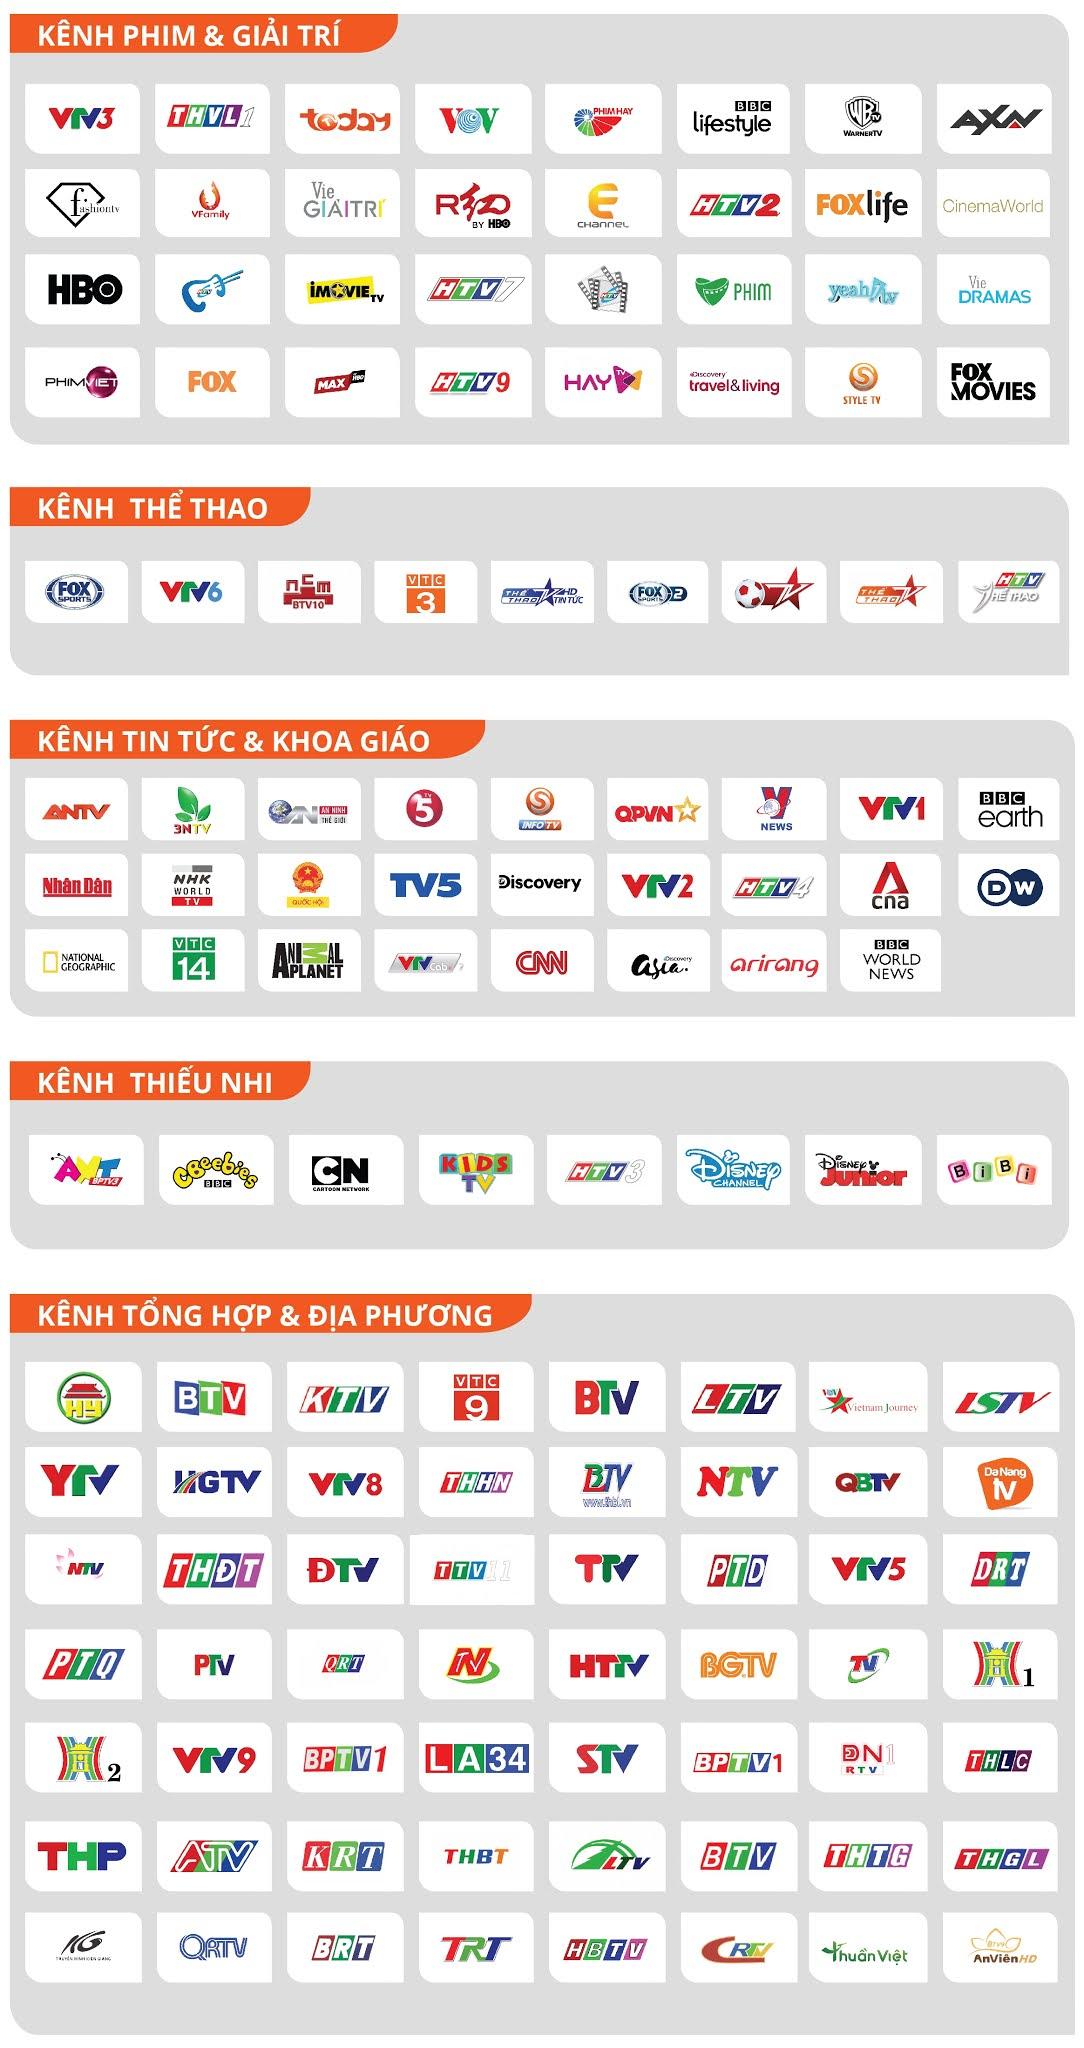 Danh sách kênh truyền hình vệ tinh An Viên gói cao cấp